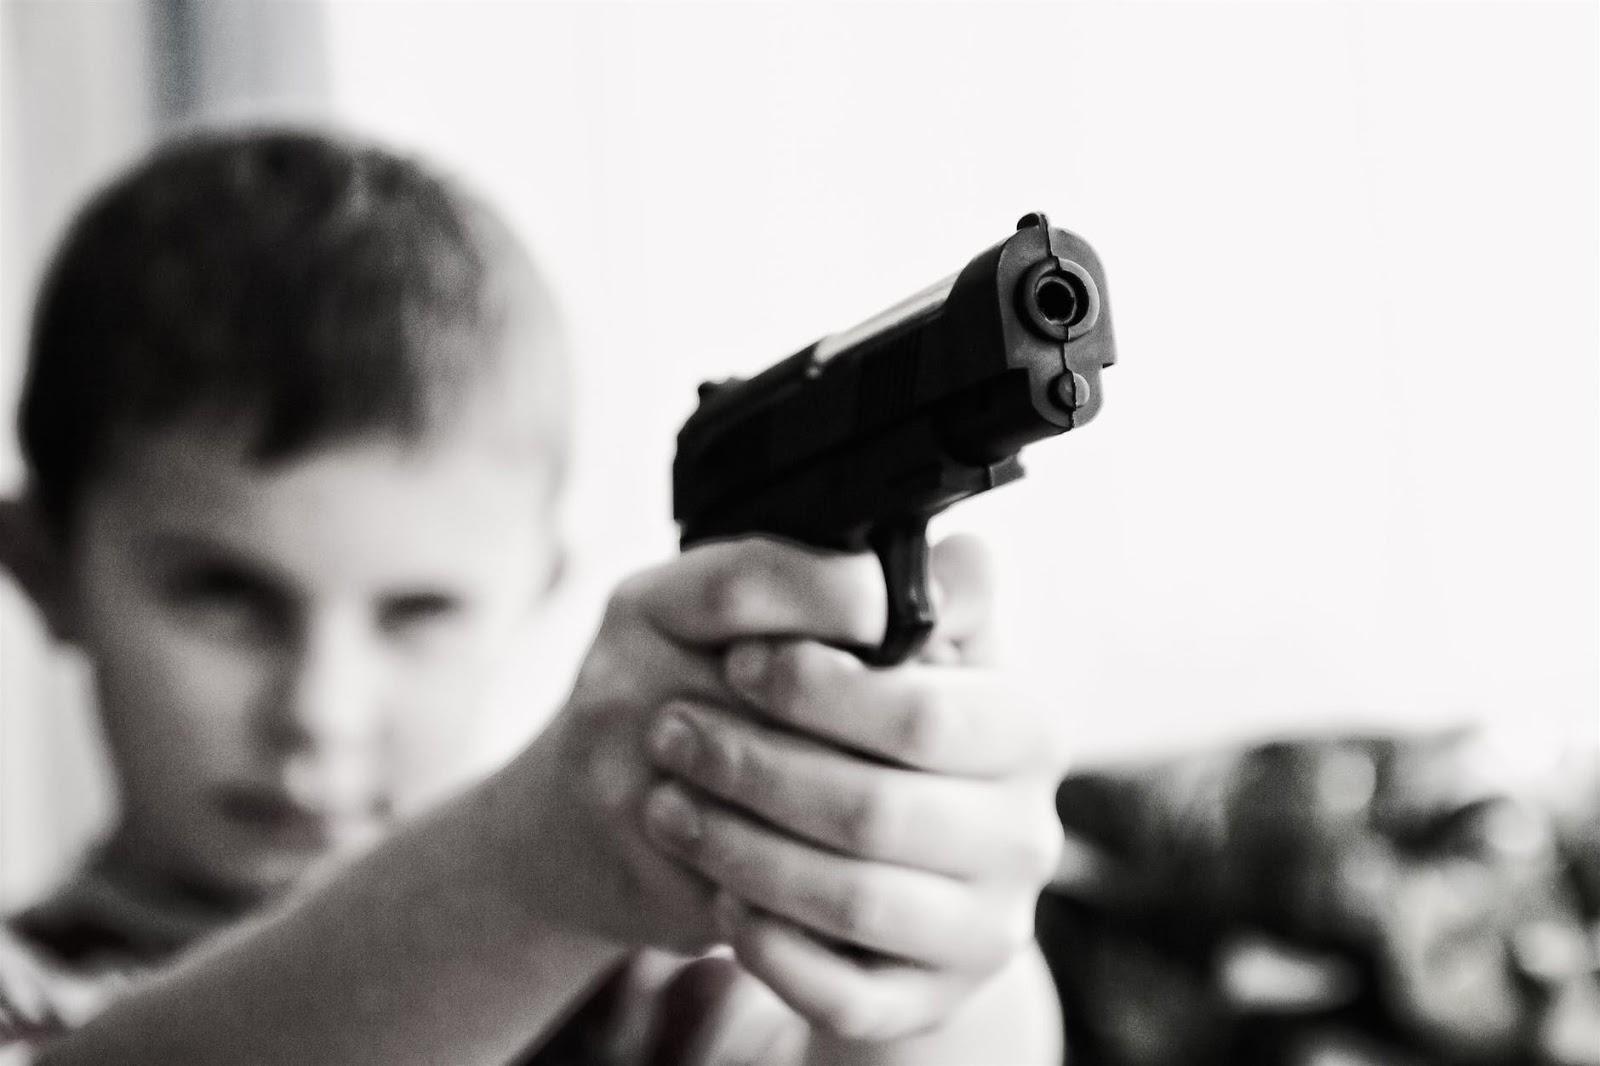 Seri Katillerin Karakteristik Özellikleri - Seri Katiller Hakkında 32 Şaşırtıcı Gerçek!